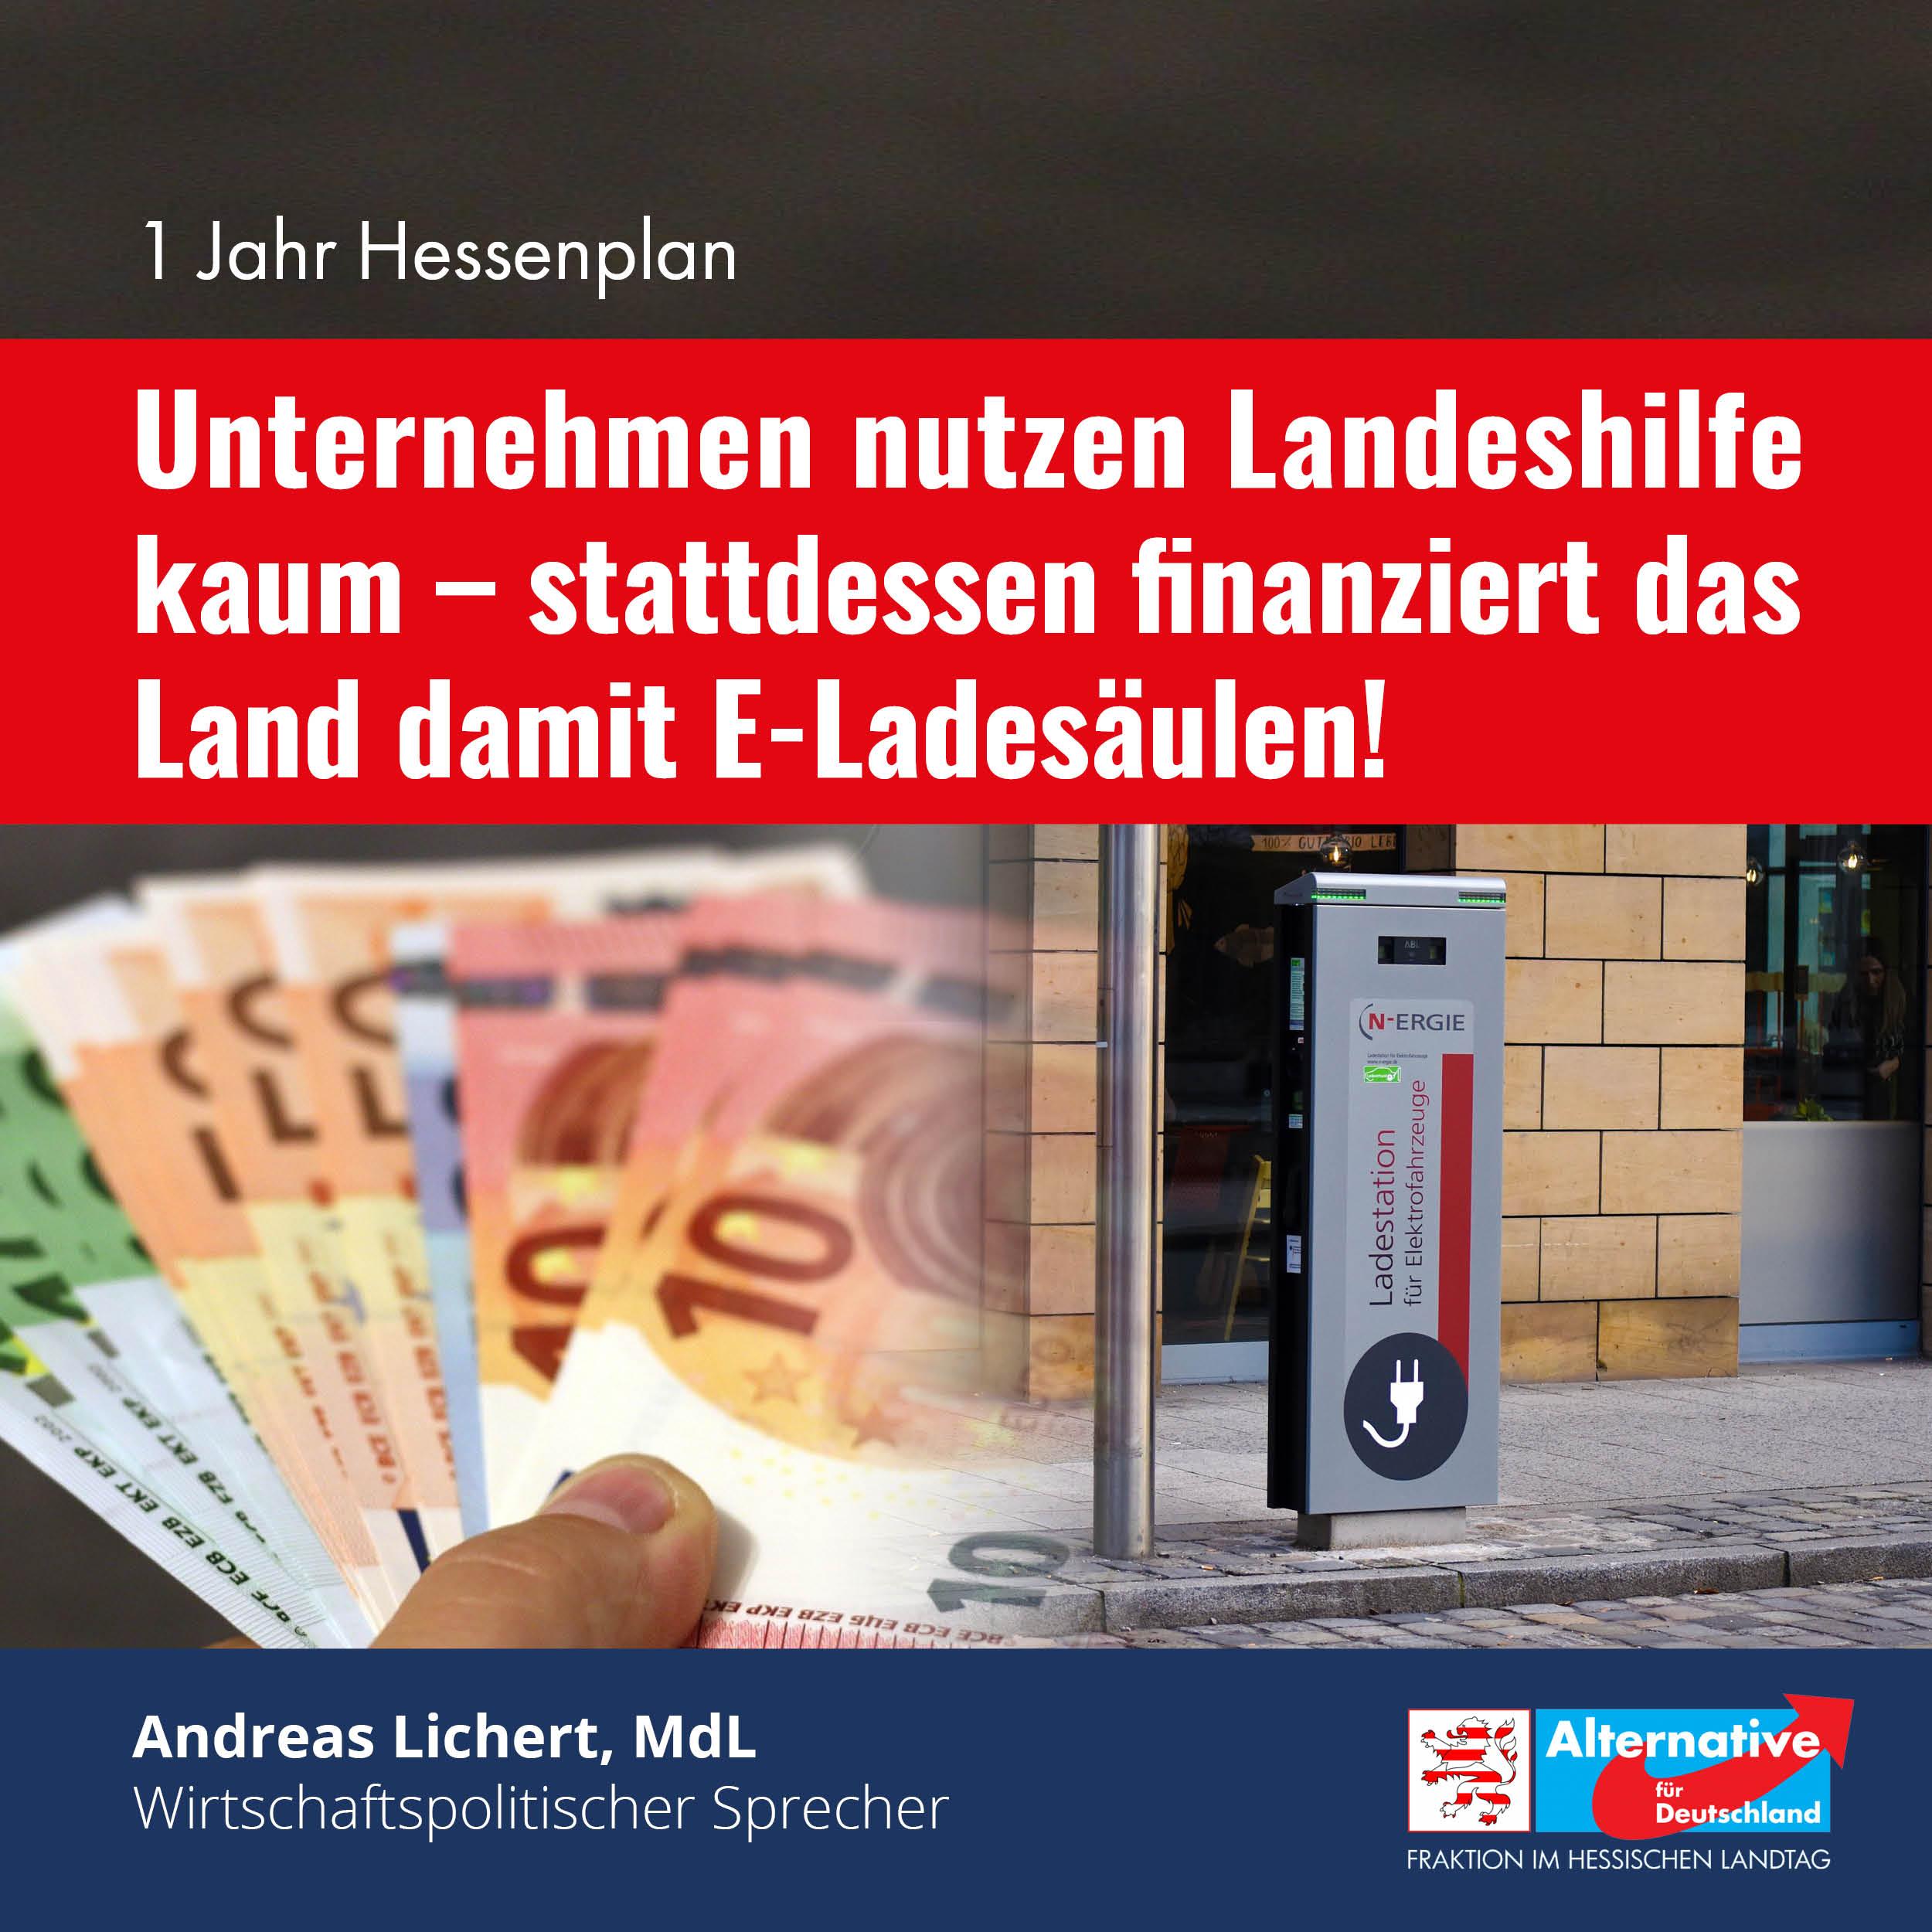 1 Jahr Hessenplan